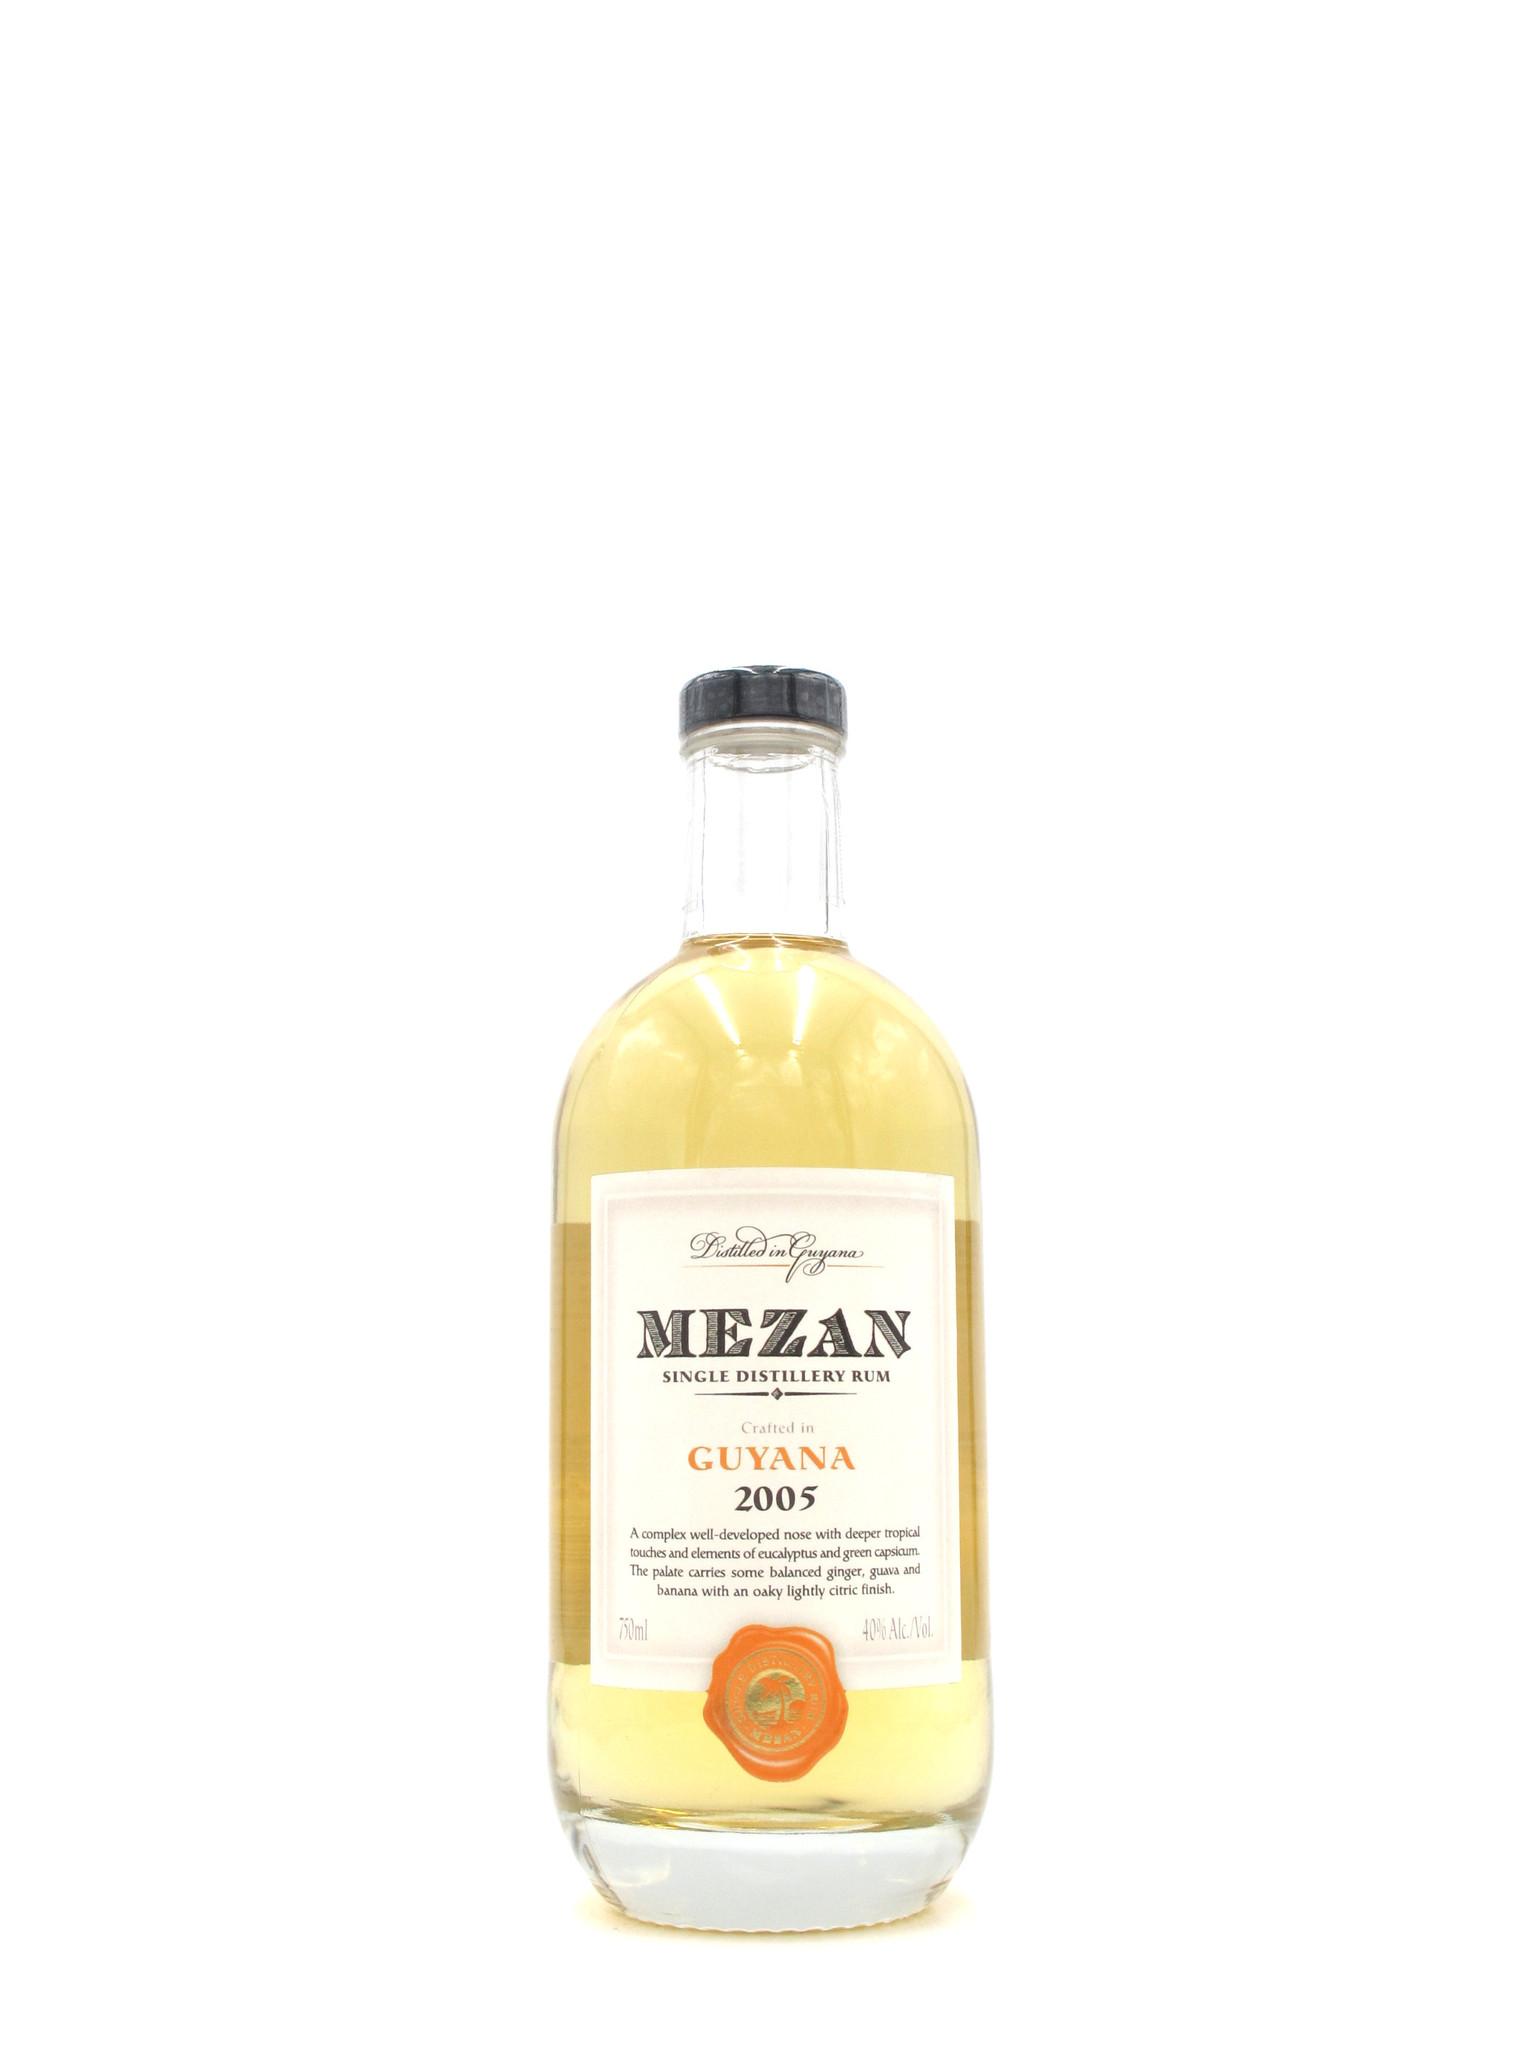 Mezan Mezan Rum Guyana 750ml